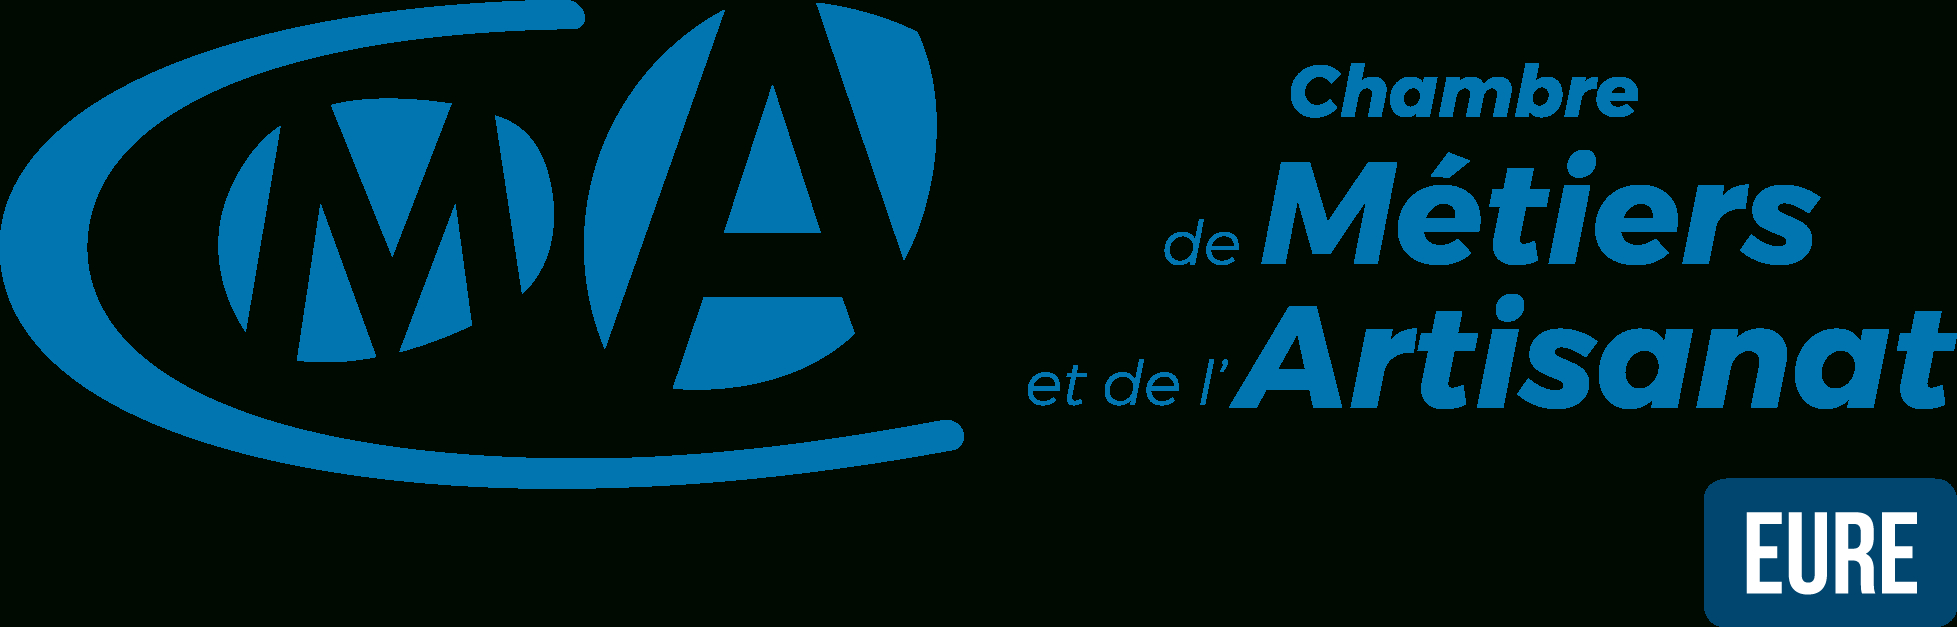 Logo Chambre De Métiers De L'eure - Atelier-Clarat intérieur Chambre Des Metiers De L Eure